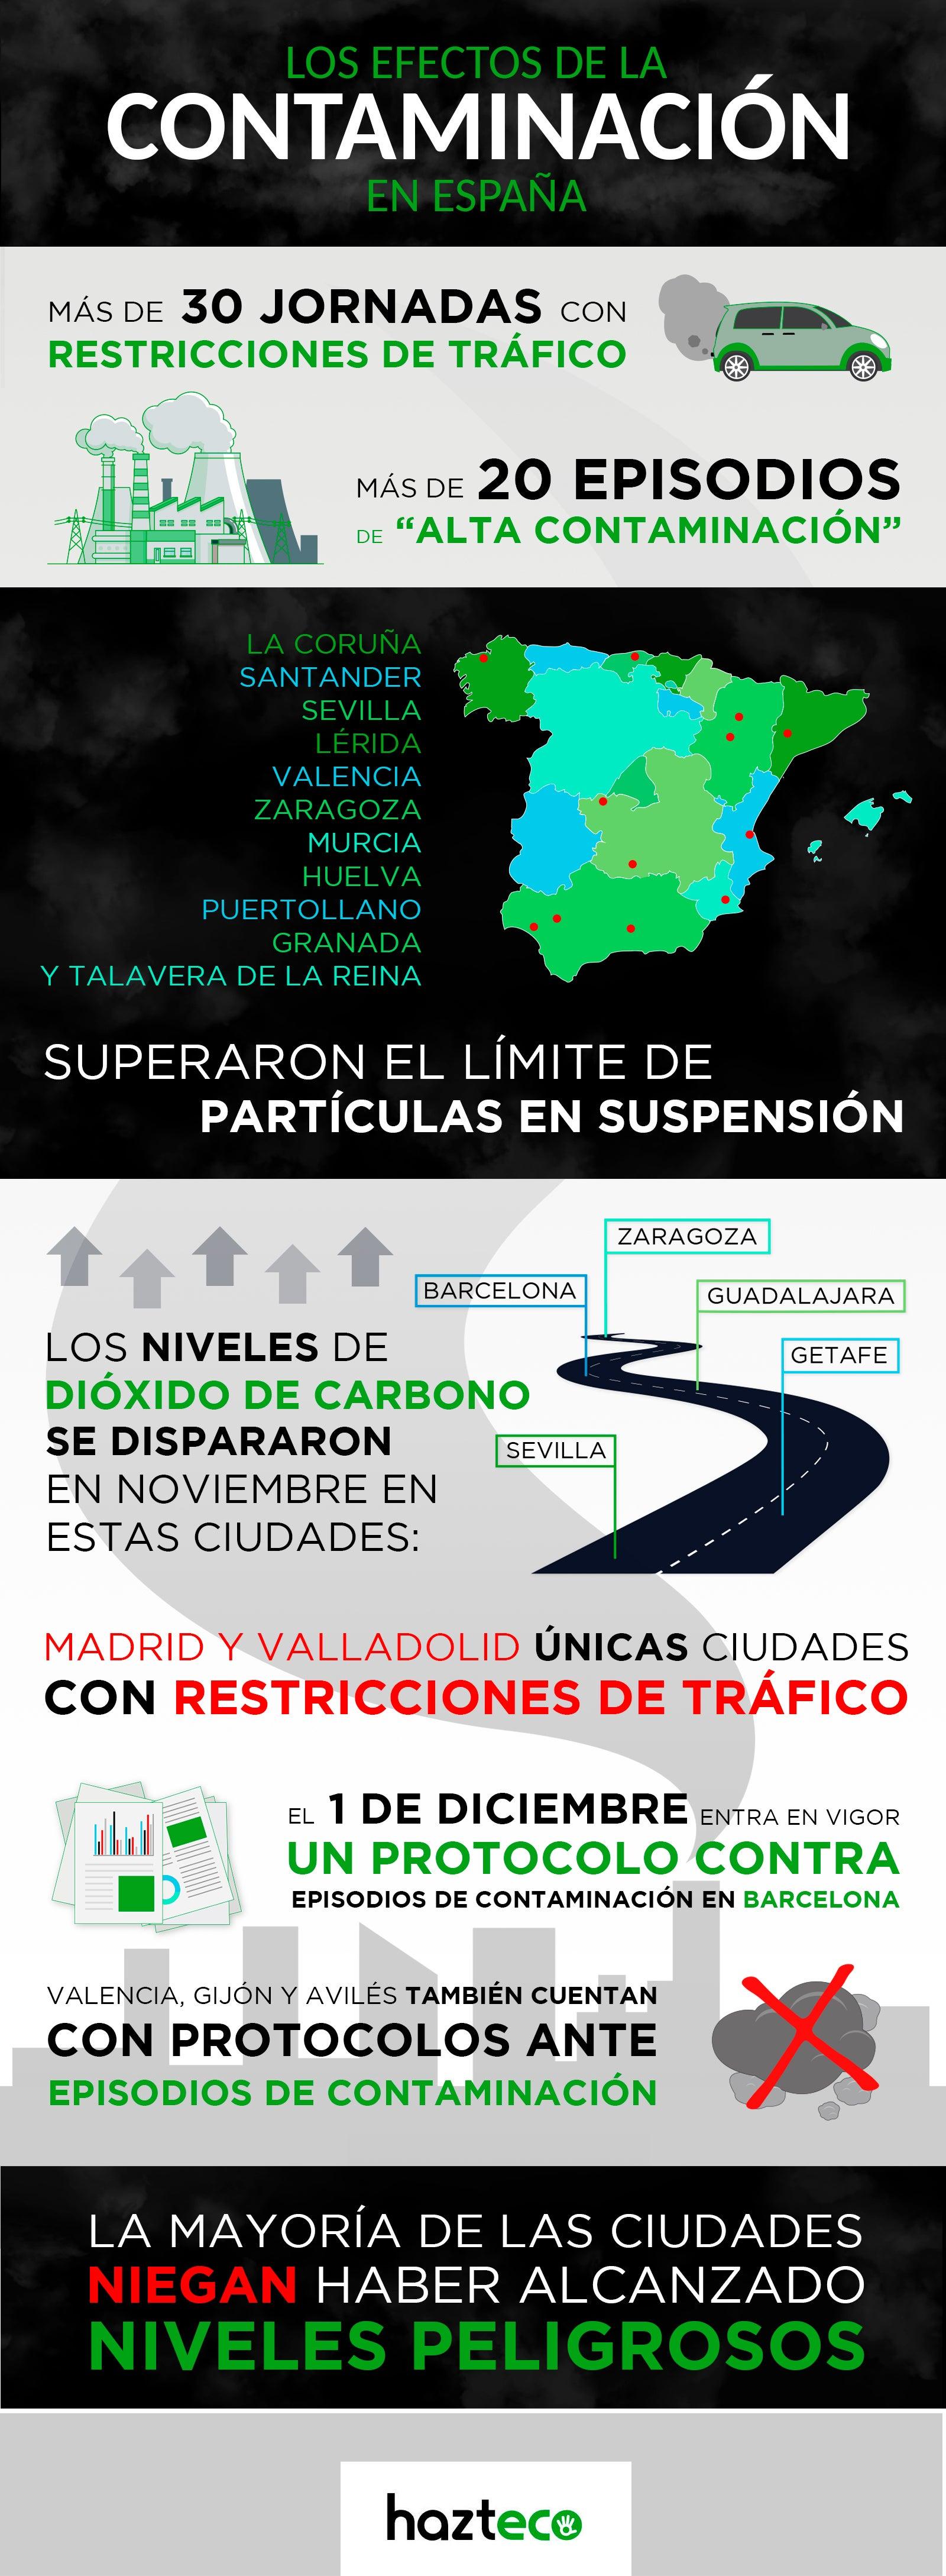 Infografía Efectos de la Contaminación en España